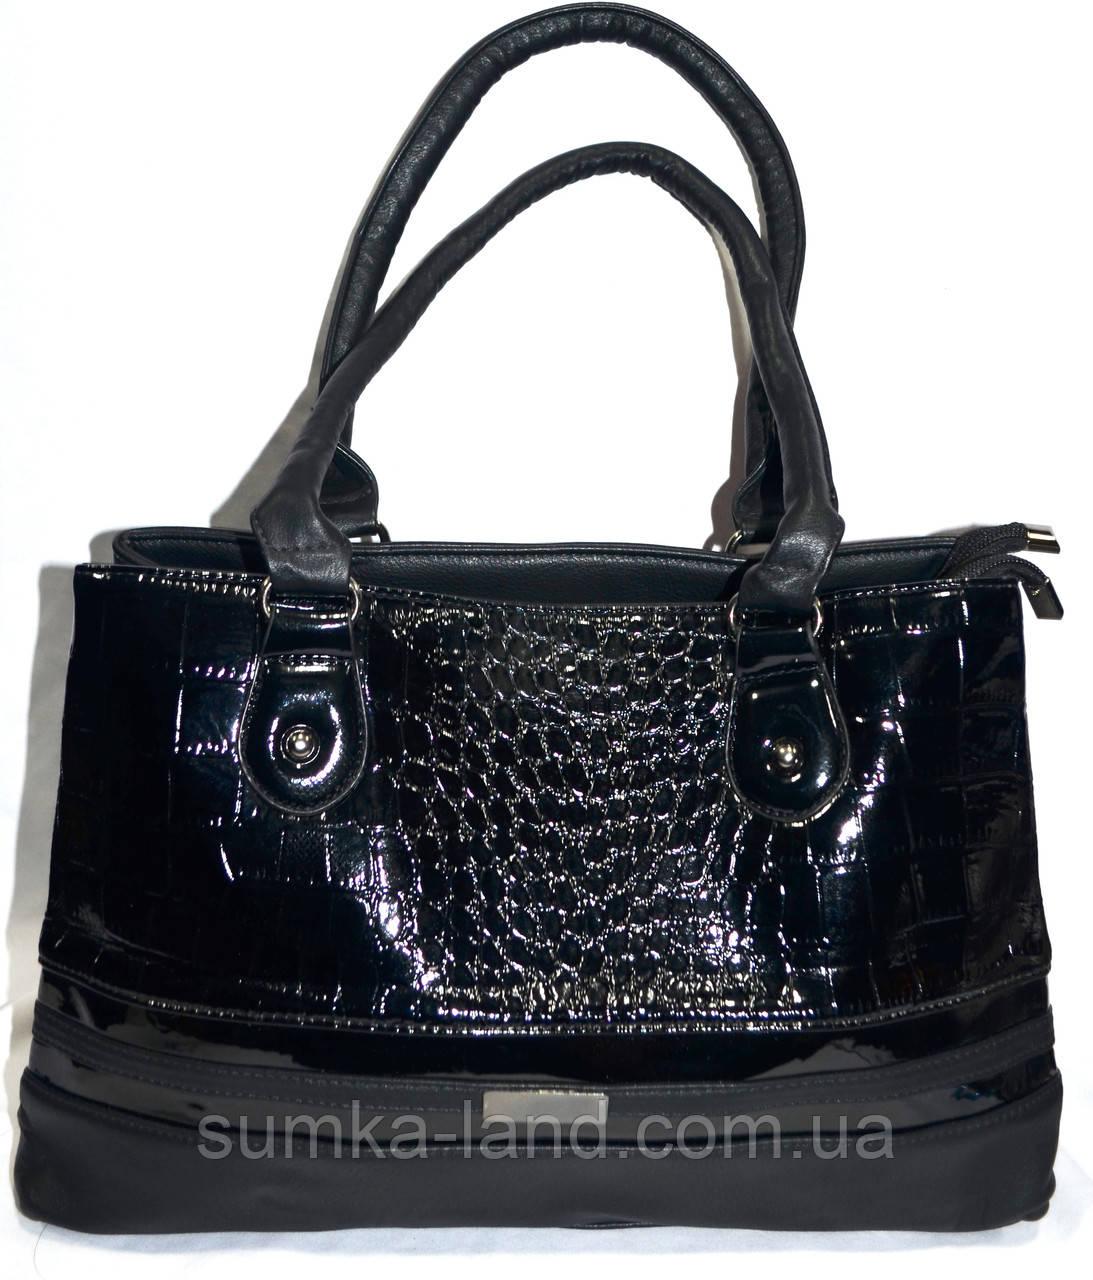 eb04777288a9 Женская черная лаковая сумка из искусственной кожи на 2 отделения 37*24 см